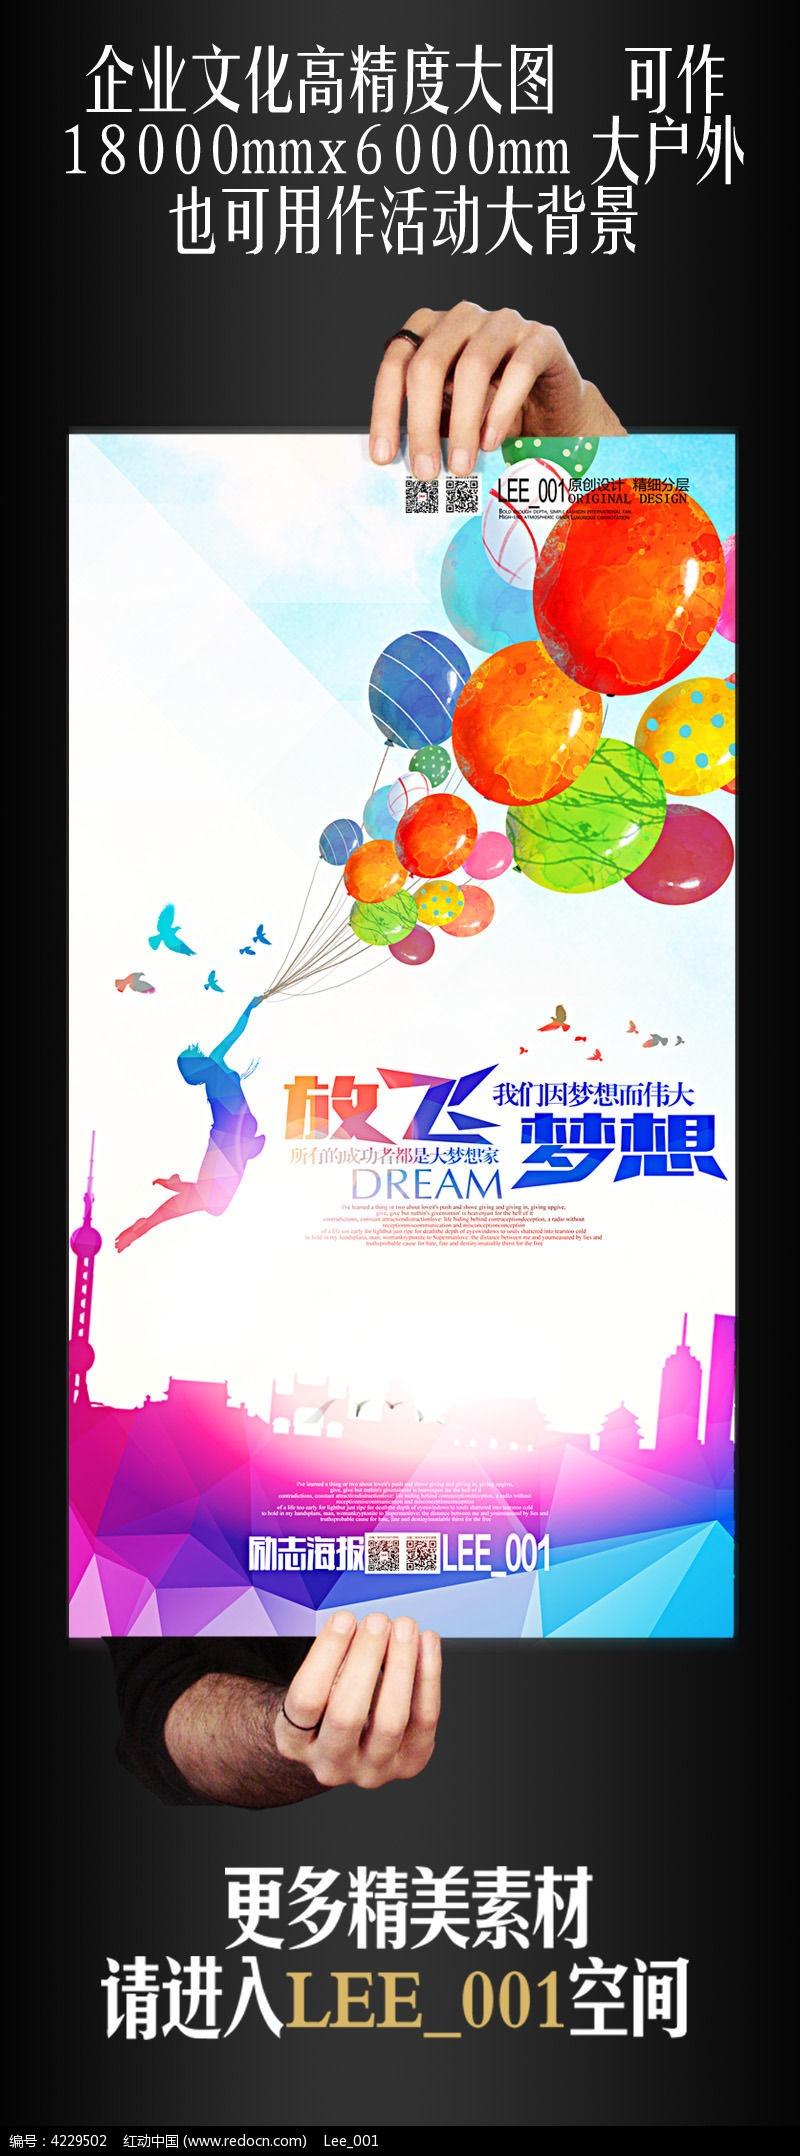 五四青年节励志海报设计图片